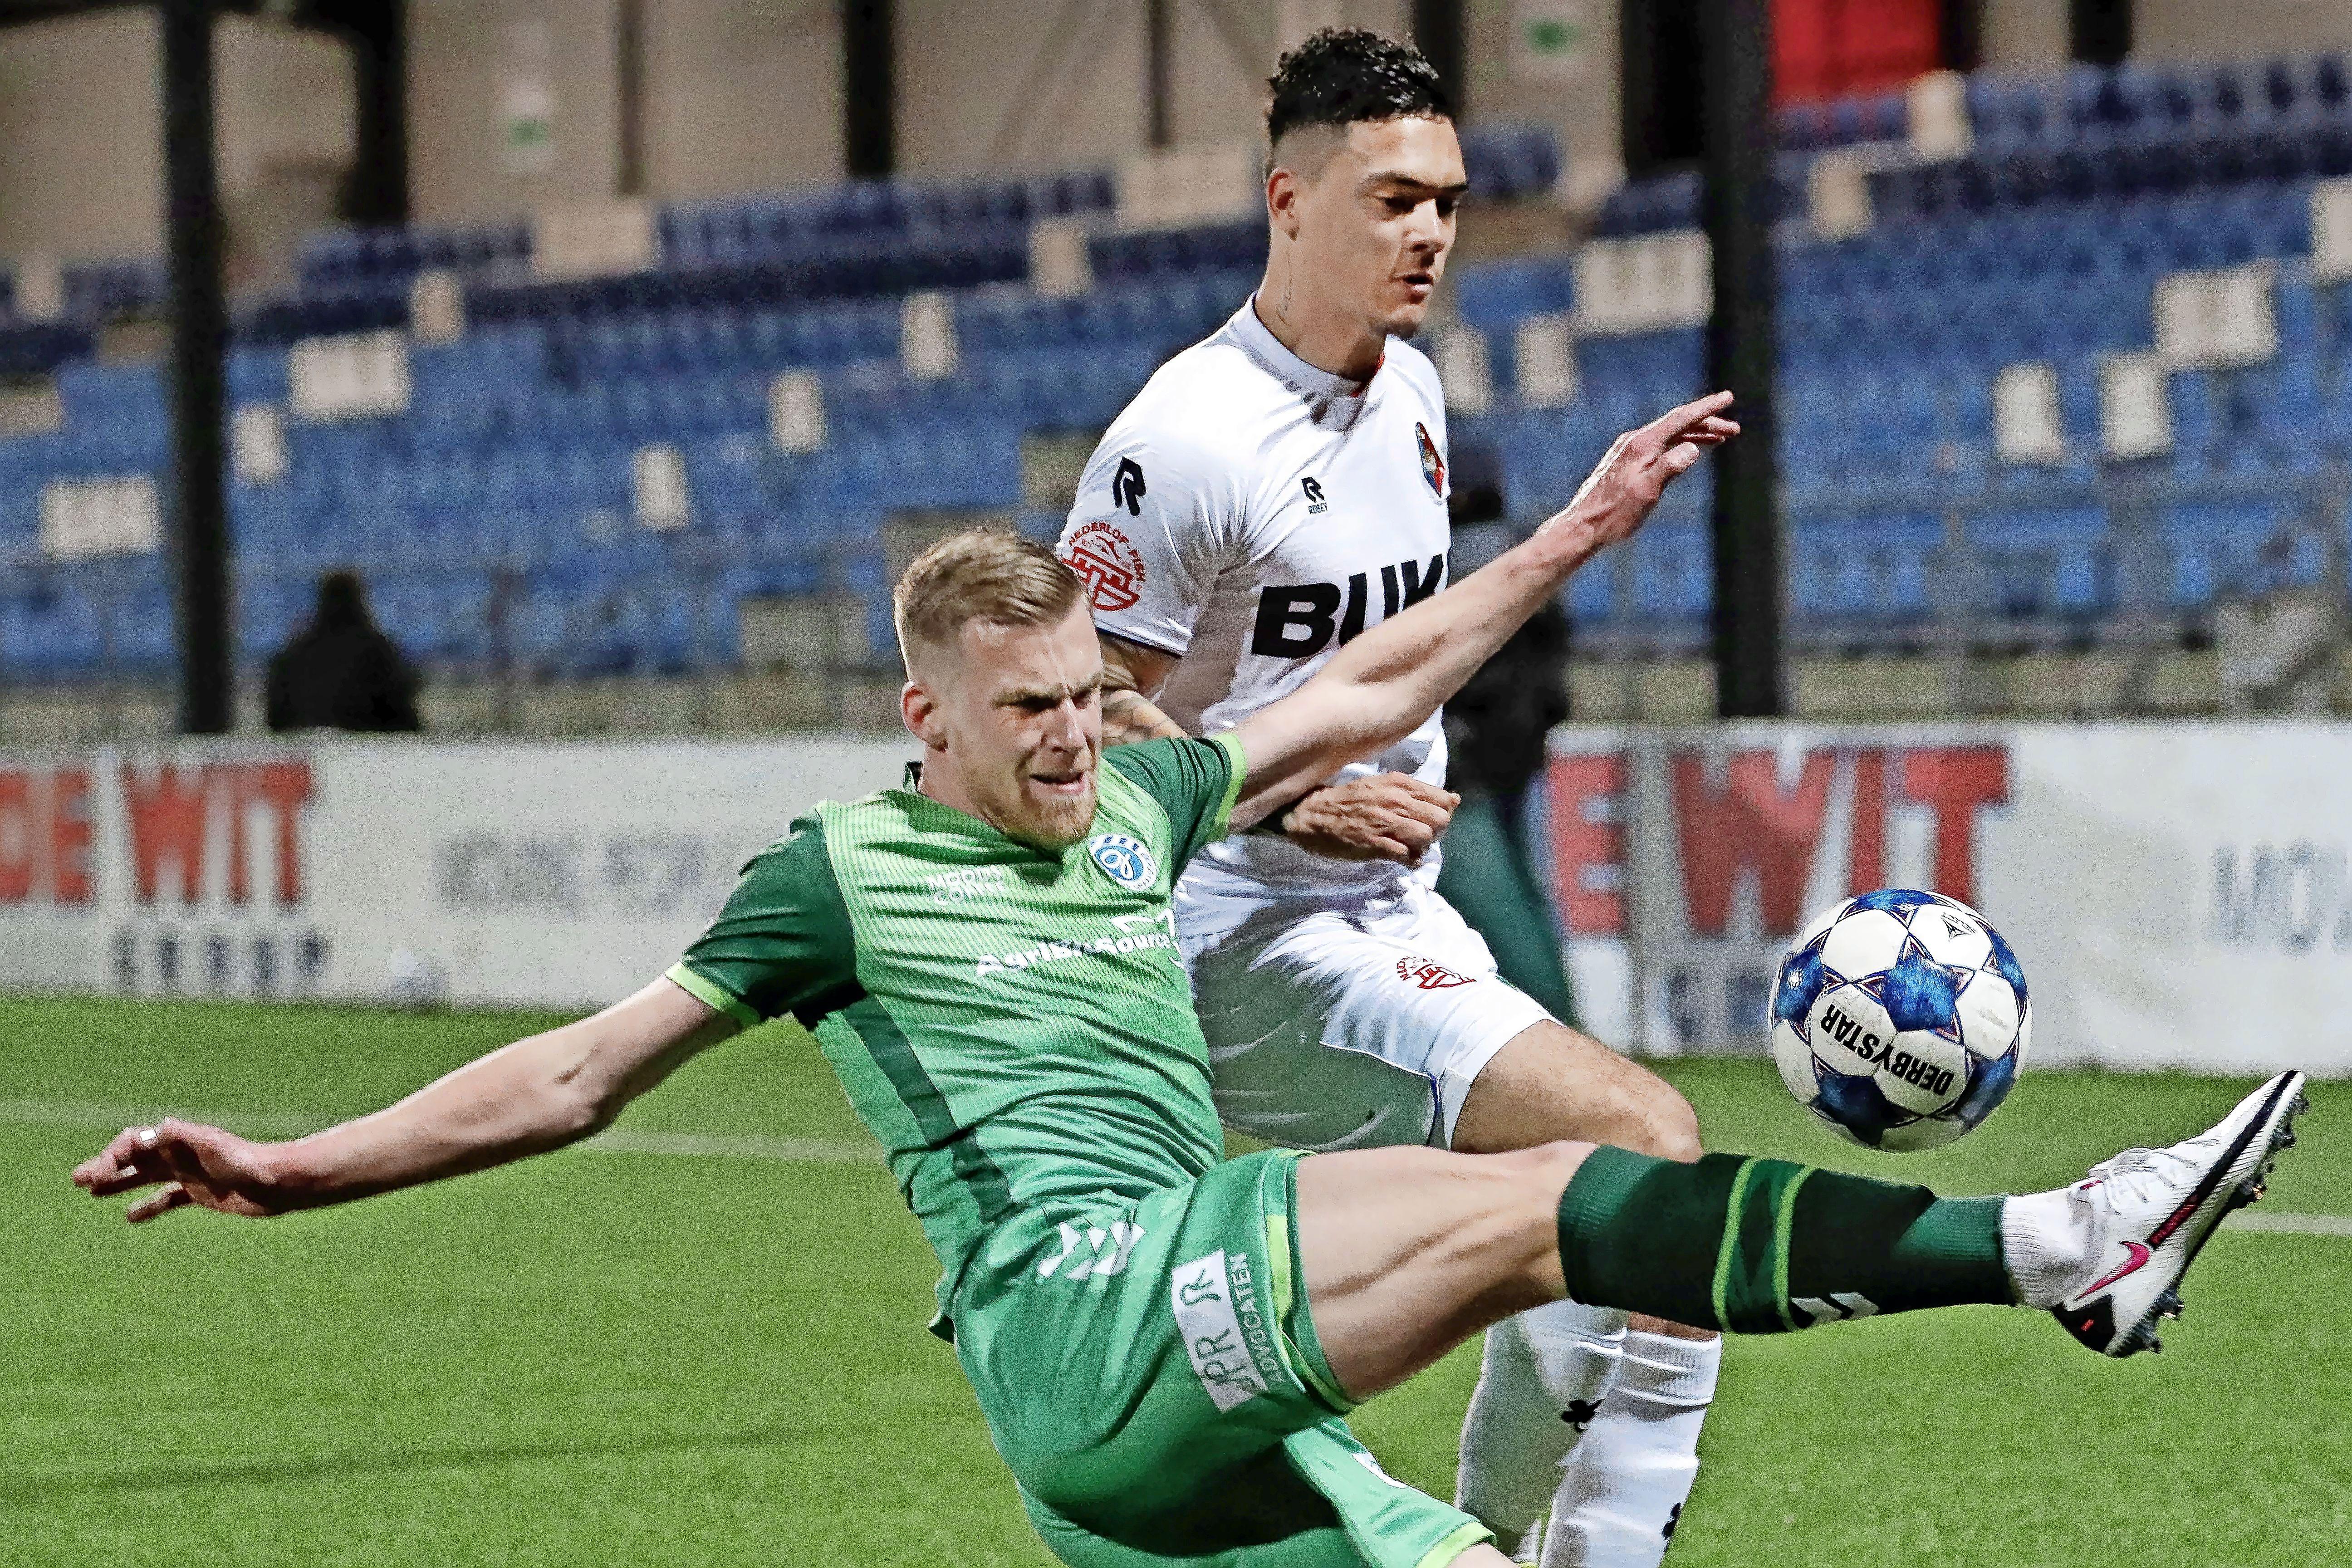 Shayne Pattynama tegen Roda voor het laatst in het witte shirt van Telstar: 'Viking FK is een grote club, acht keer kampioen van Noorwegen'